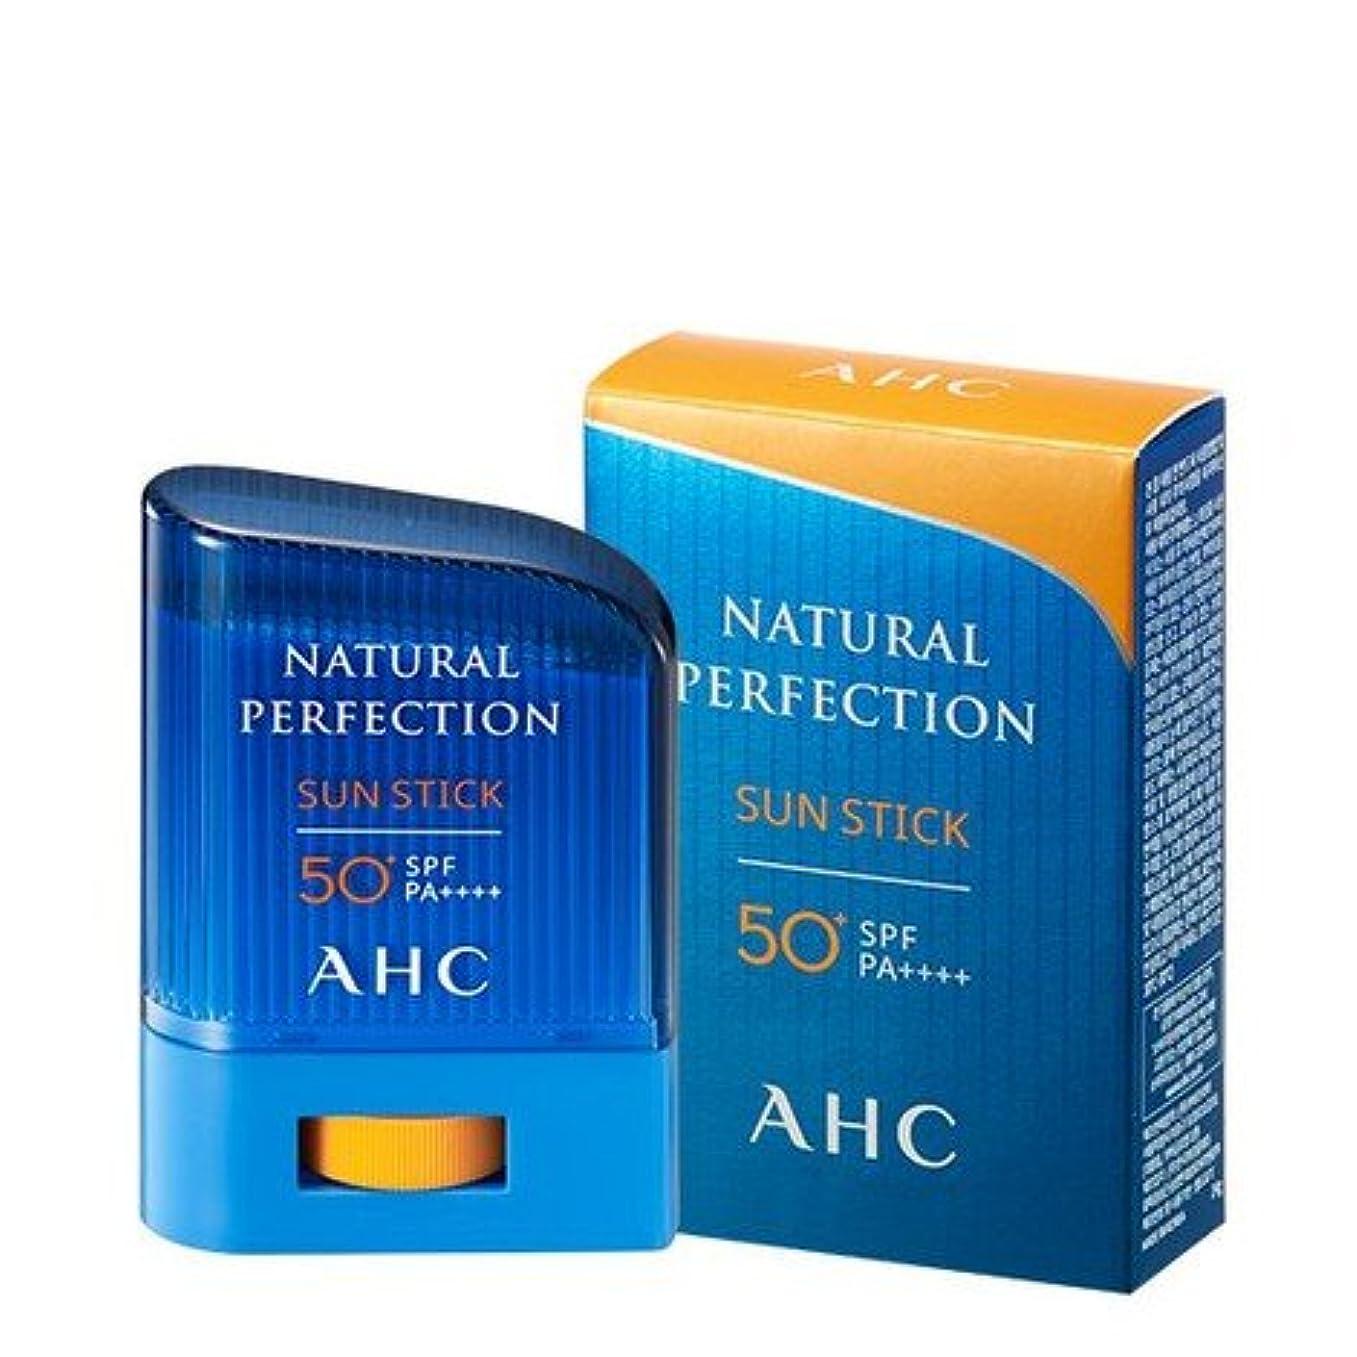 面倒戸口抜粋[Renewal 最新] AHCナチュラルパーフェクション線スティック / AHC NATURAL PERFECTION SUN STICK [SPF 50+ / PA ++++] [並行輸入品] (14g)